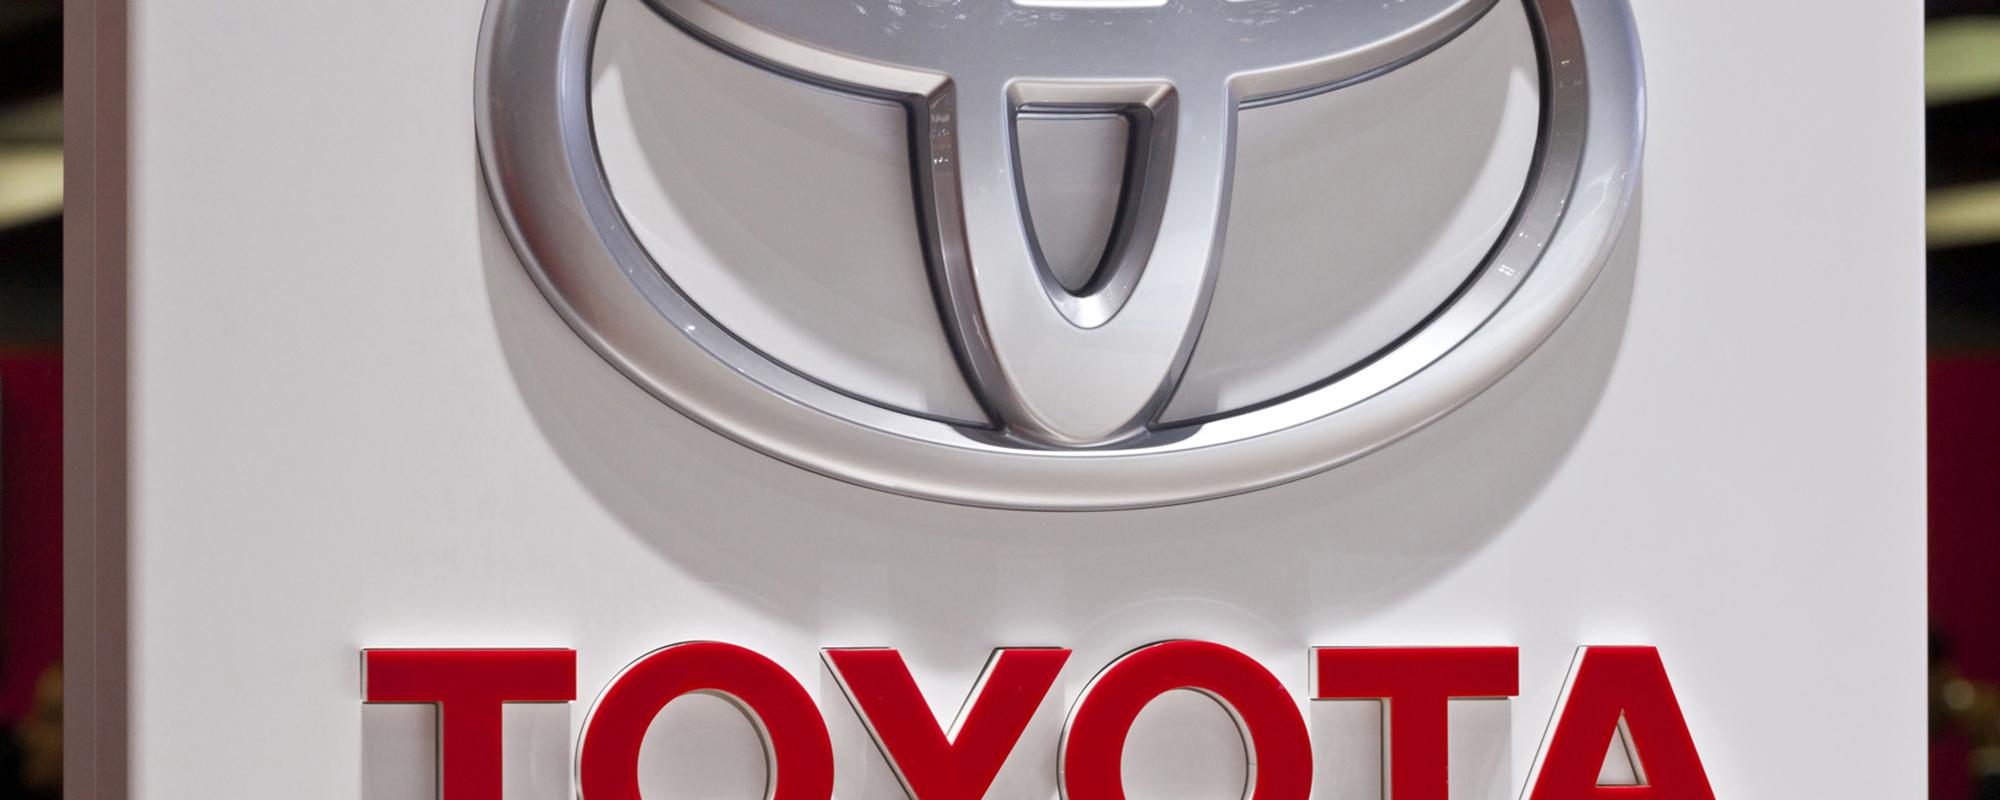 Toyota dealers versterkt met Energielabel A